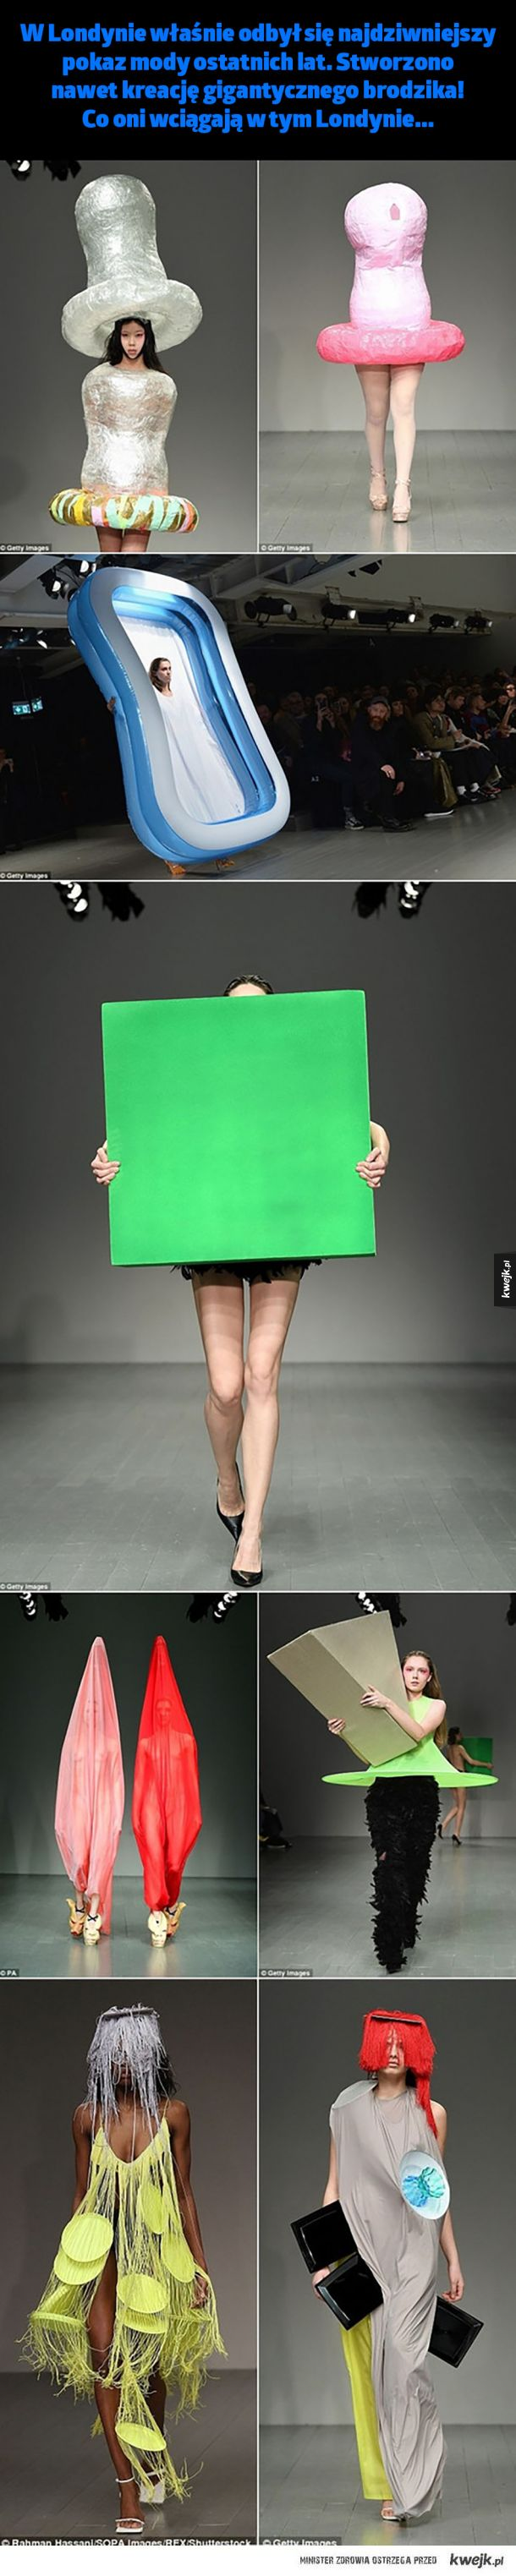 Najdziwniejszy pokaz mody ostatnich lat.